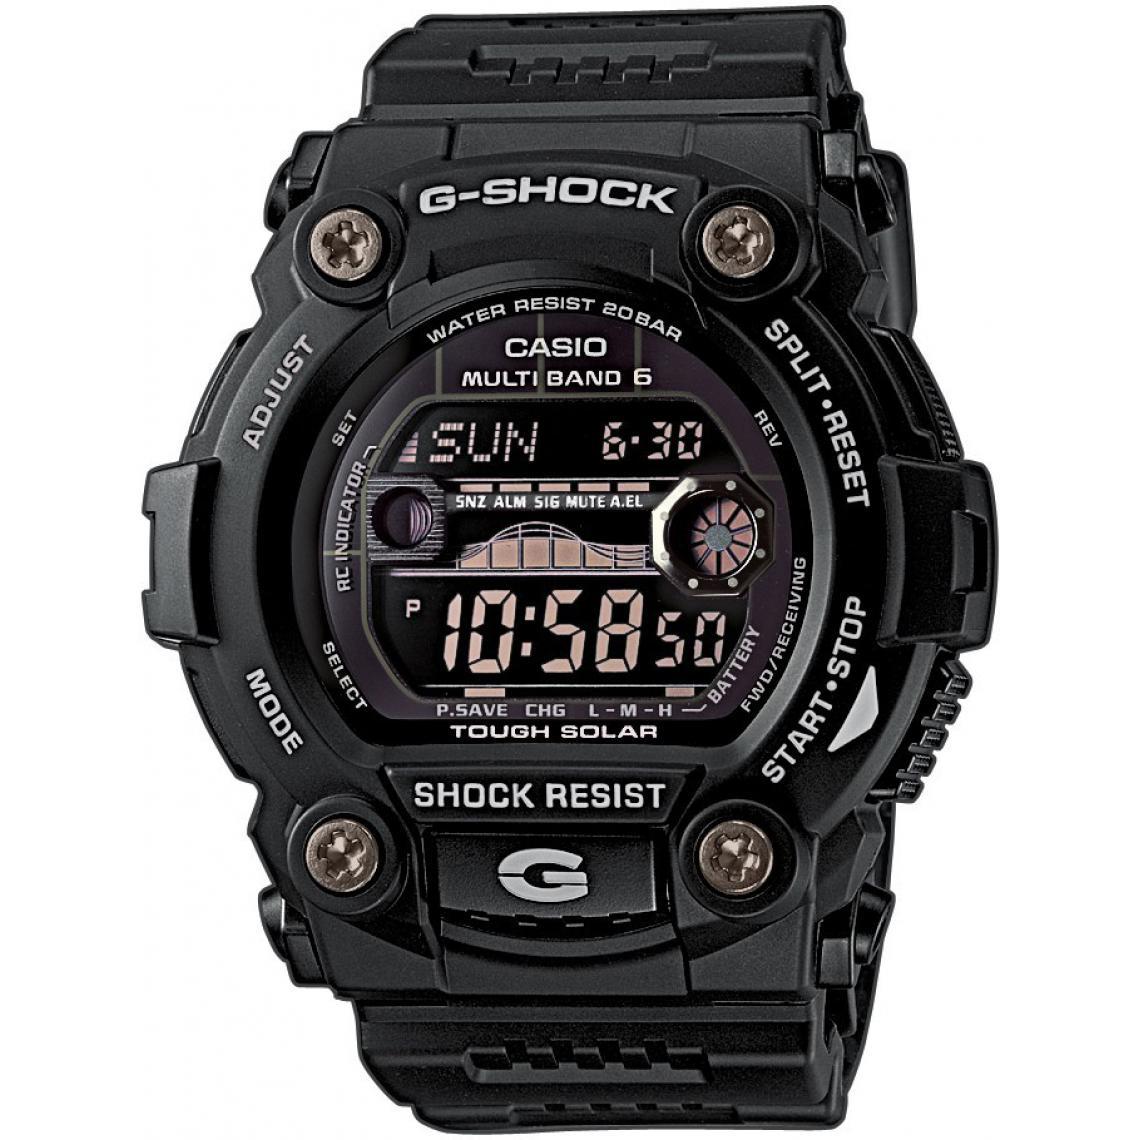 Montre Solaire Radio Pilotée Casio G-Shock GW-7900B-1ER 20ATM (mondialmontres.fr)